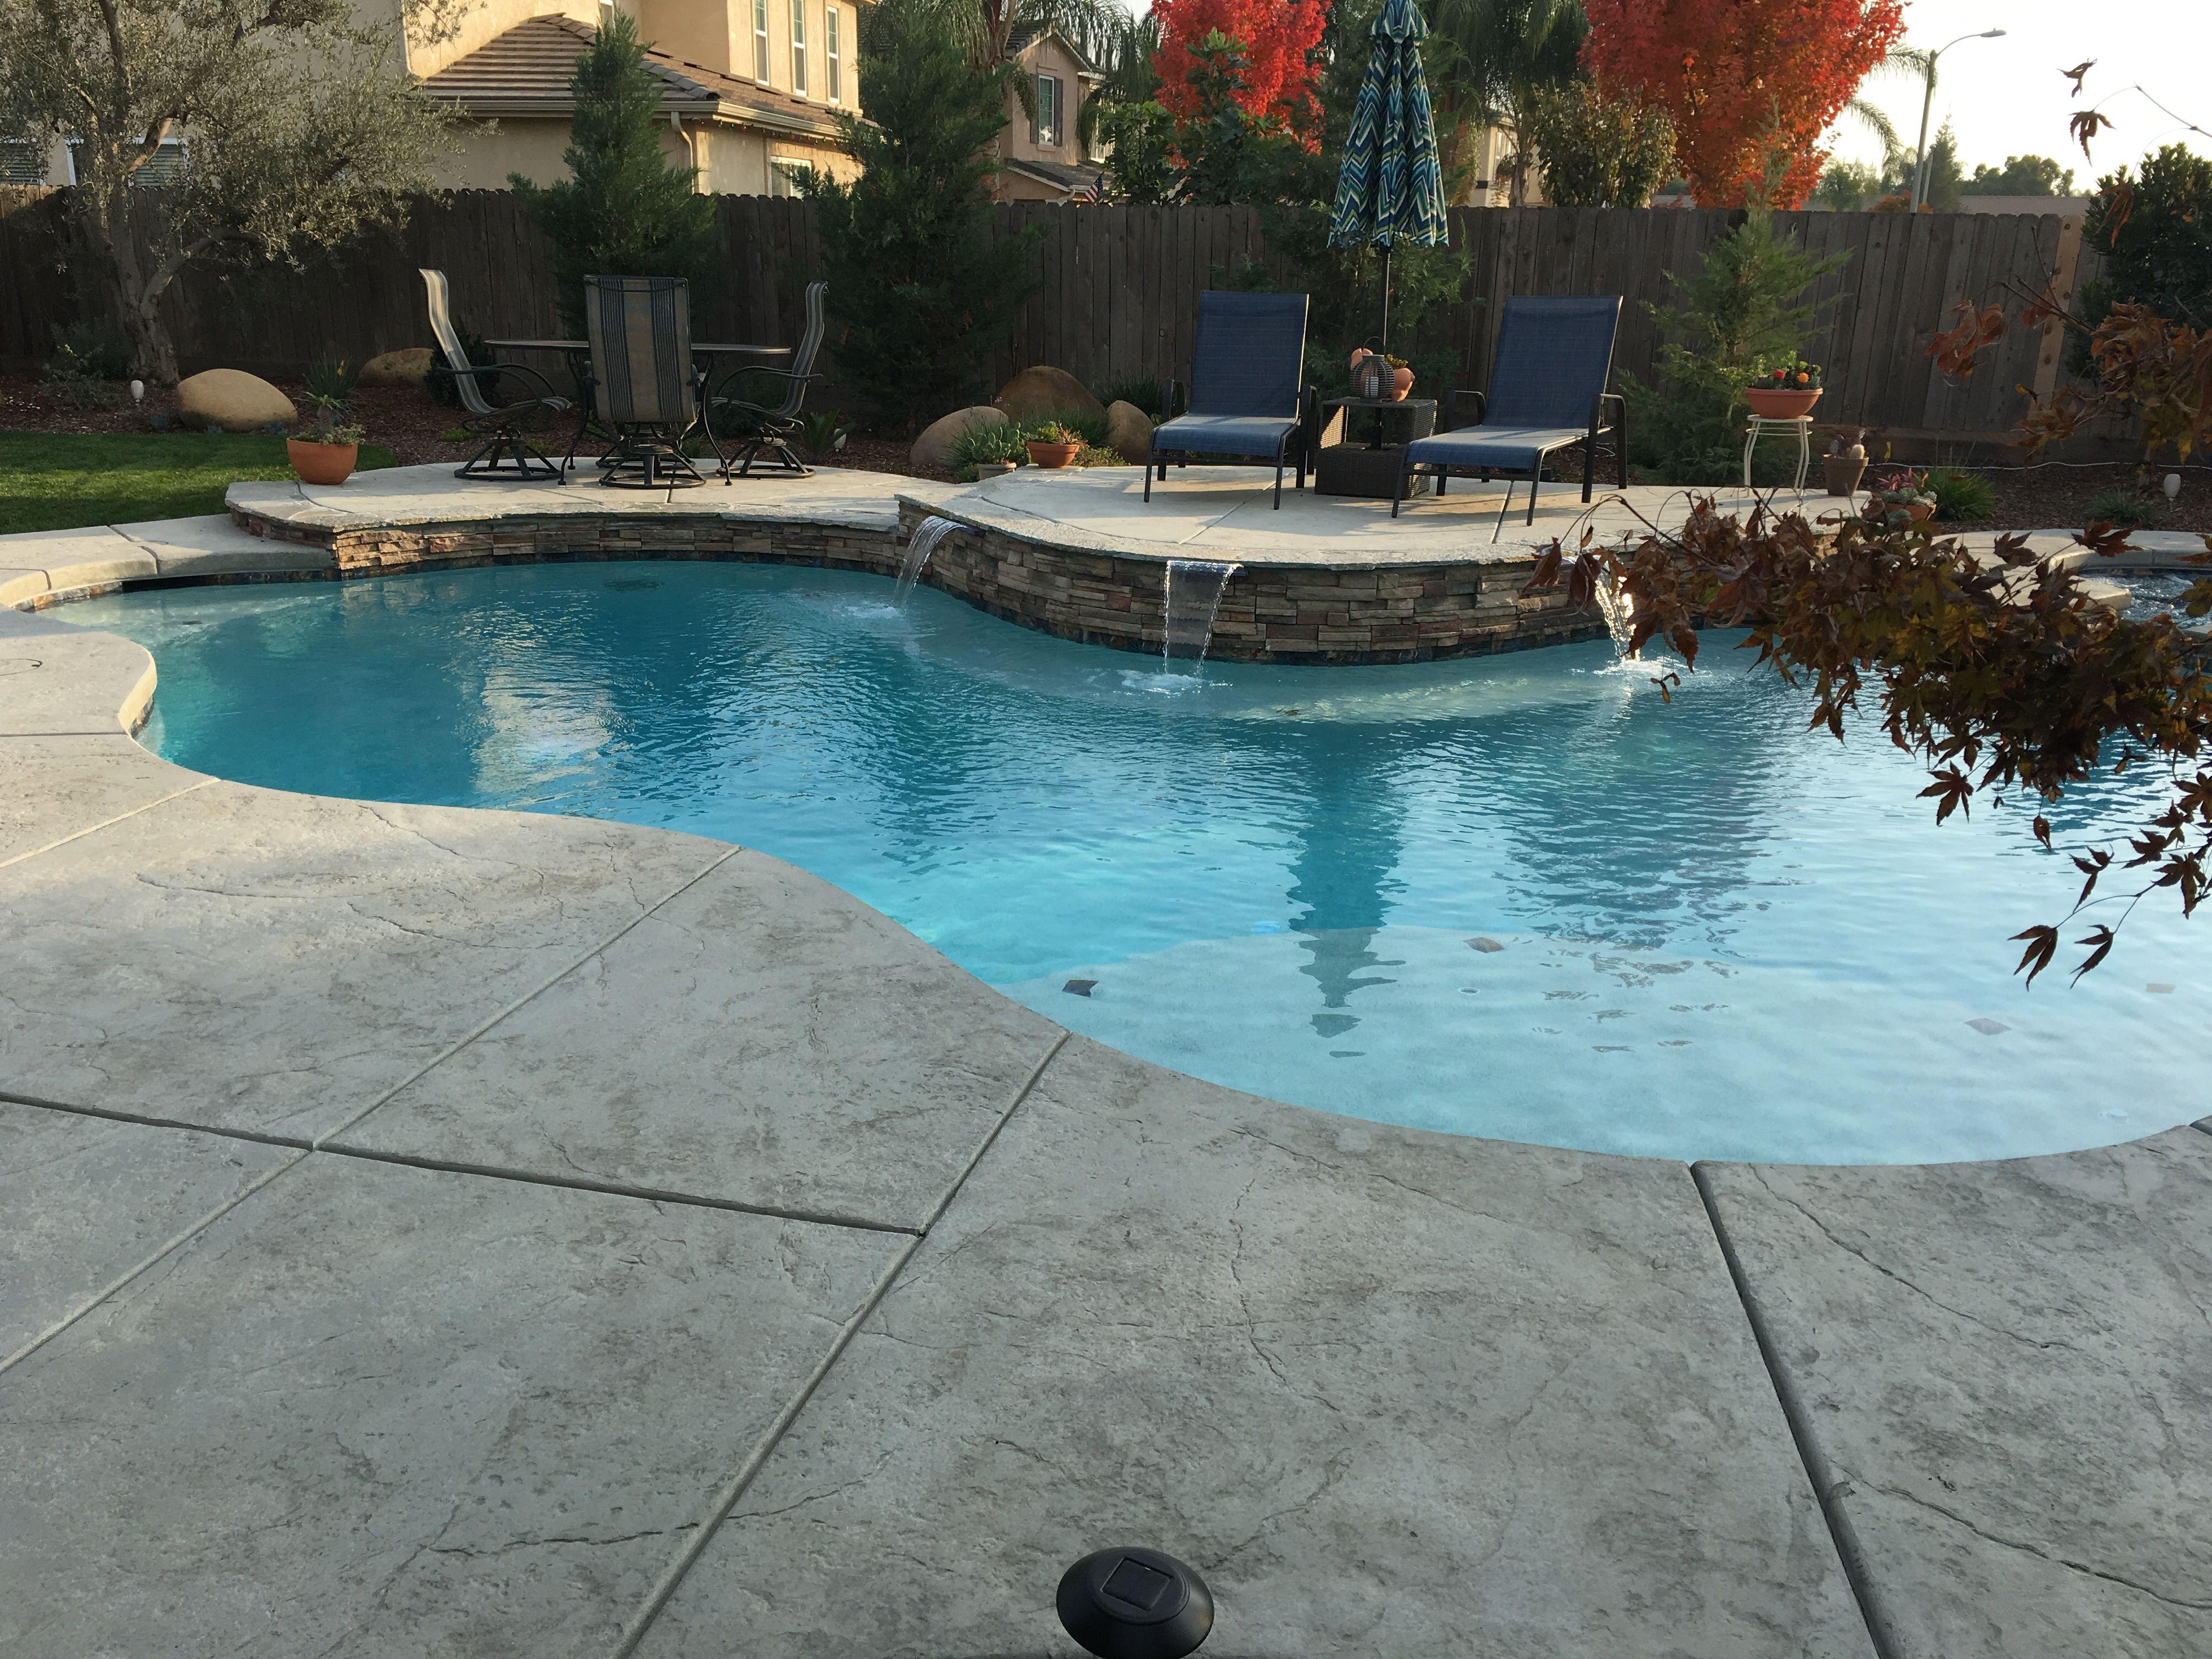 Visalia Pool Design by Paradise Pools http://paradisepool.com ...